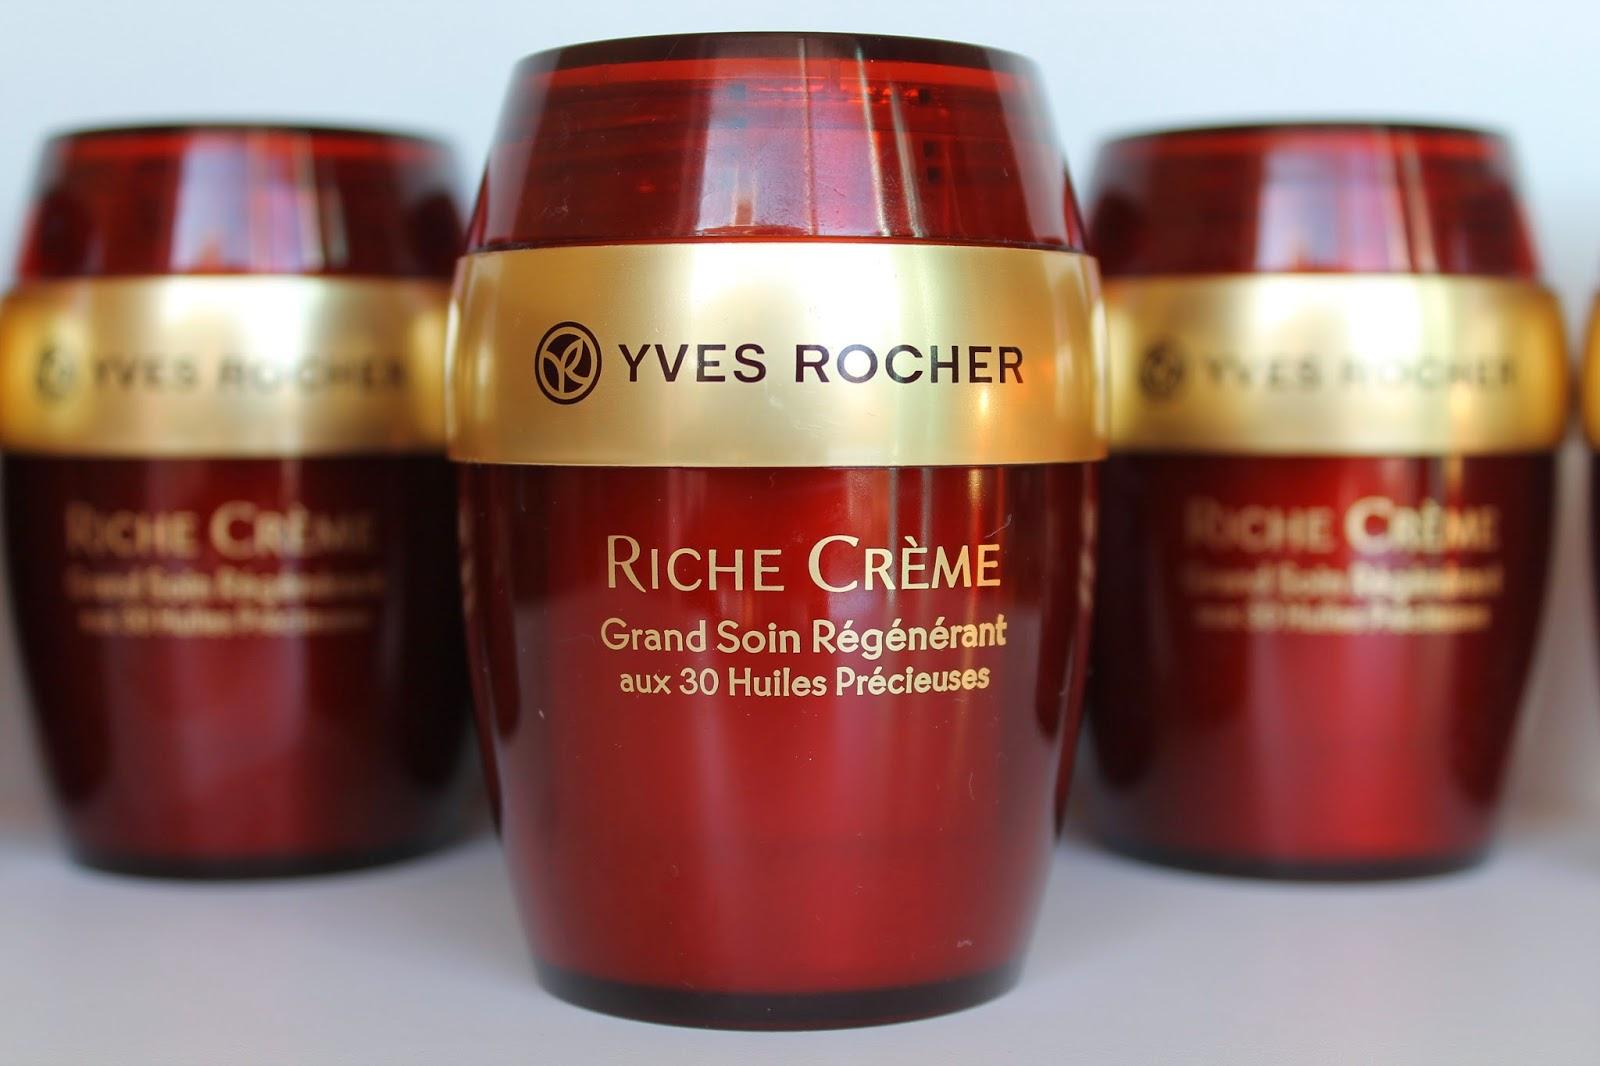 Grand Soin Régénérant aux 30 huiles Riche Crème Yves Rocher